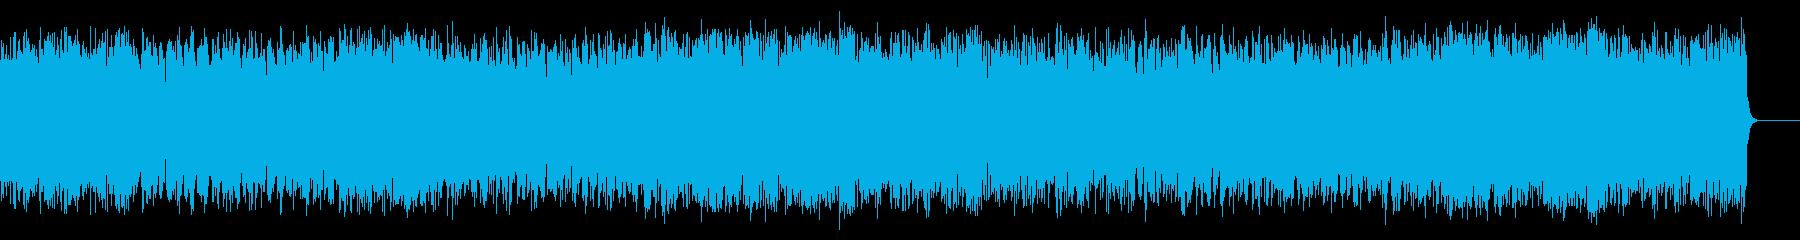 リゾート風の軽快なポップ(フルサイズ)の再生済みの波形